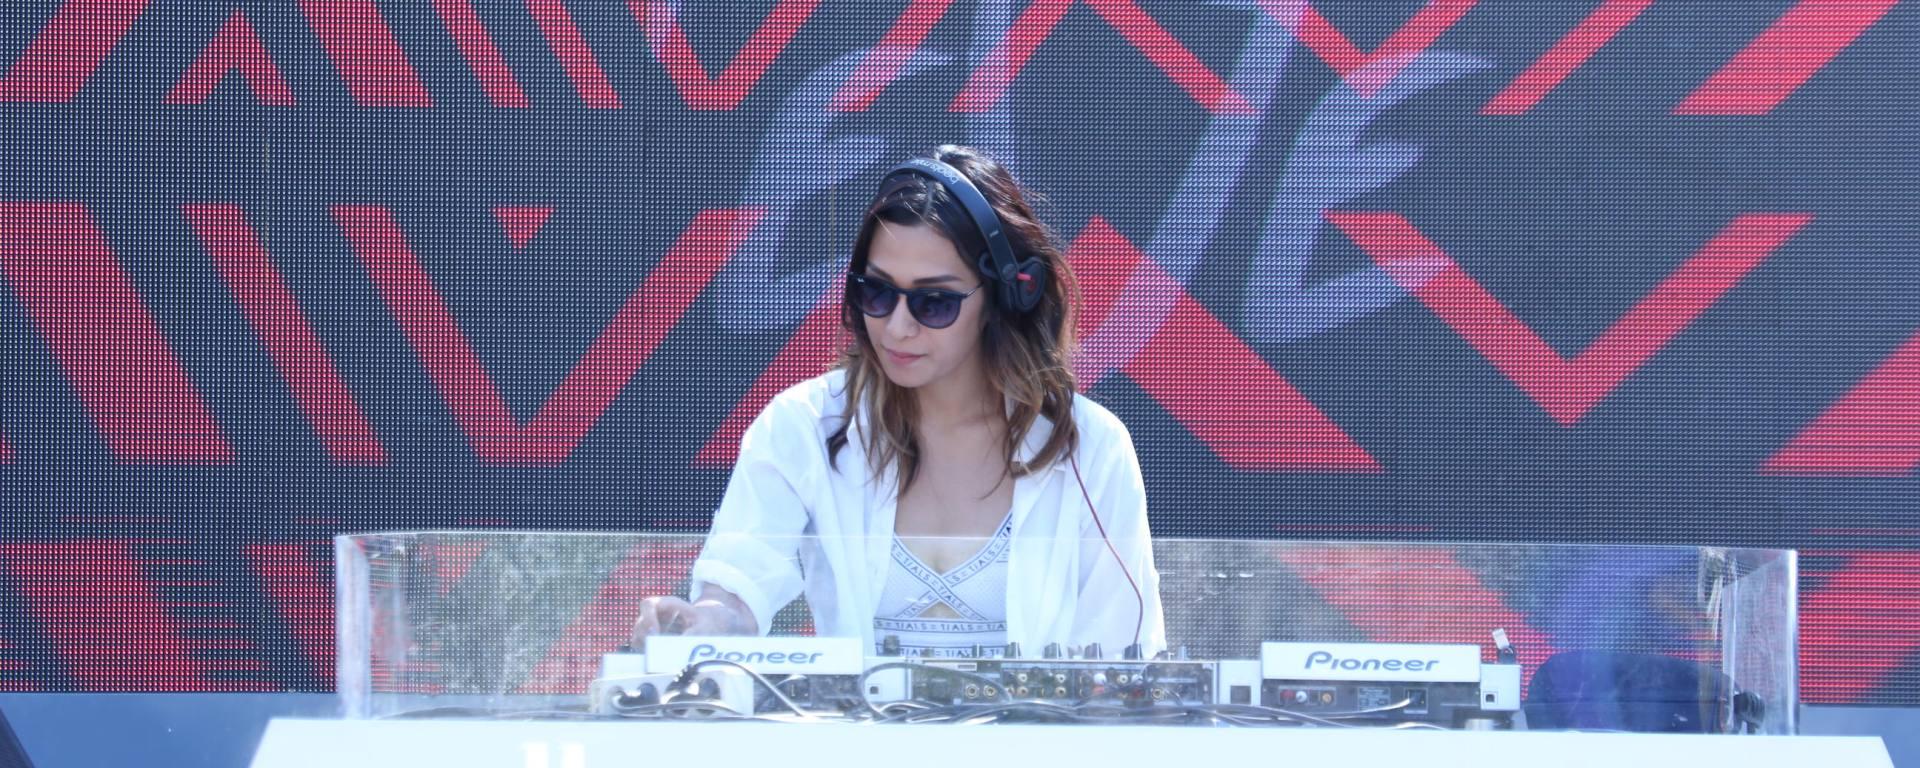 DJ Tiara Eve